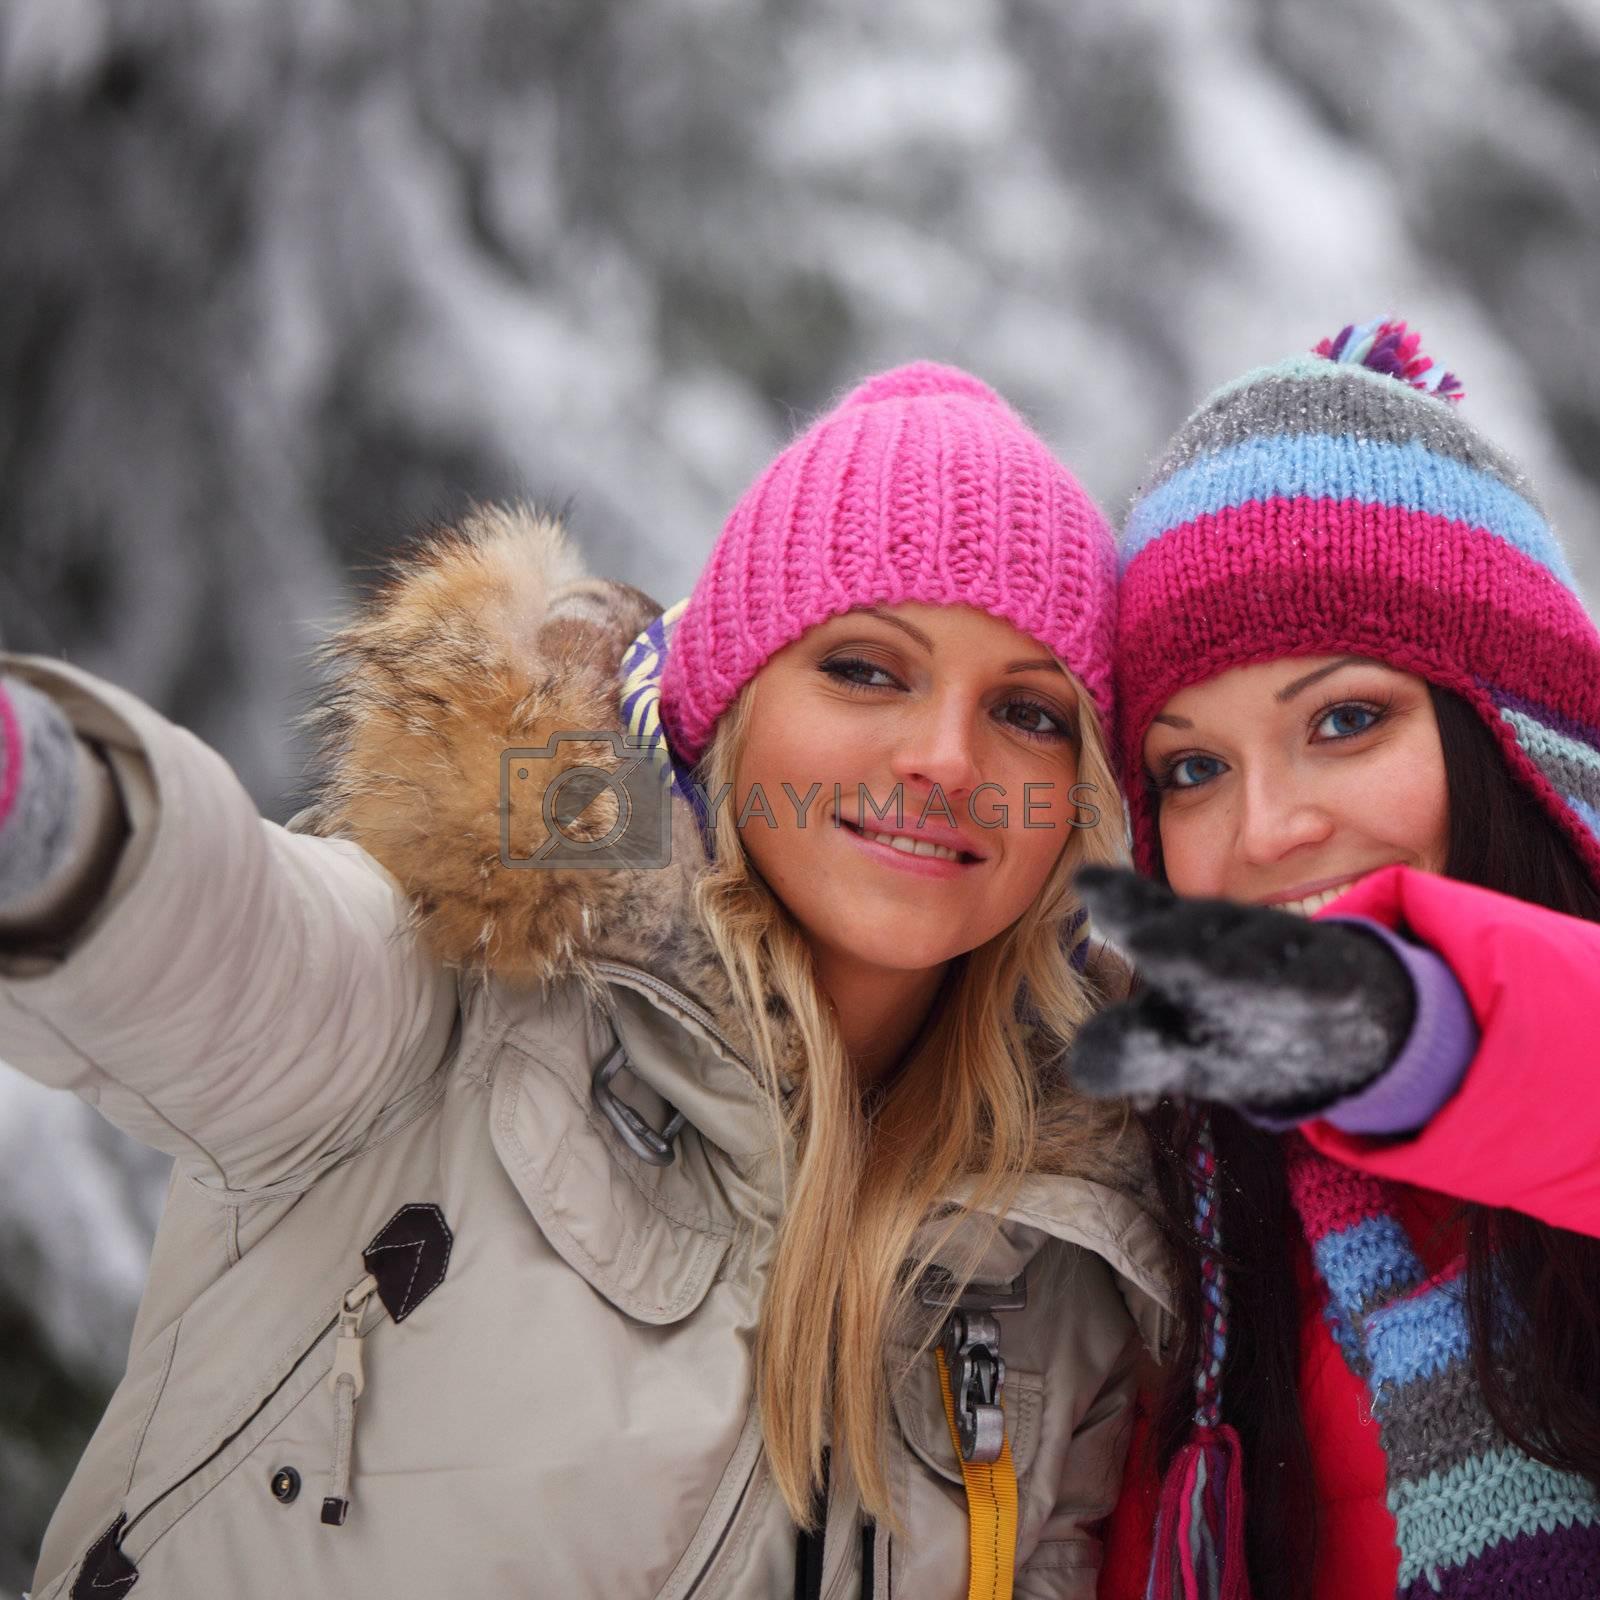 winter women close up portrait